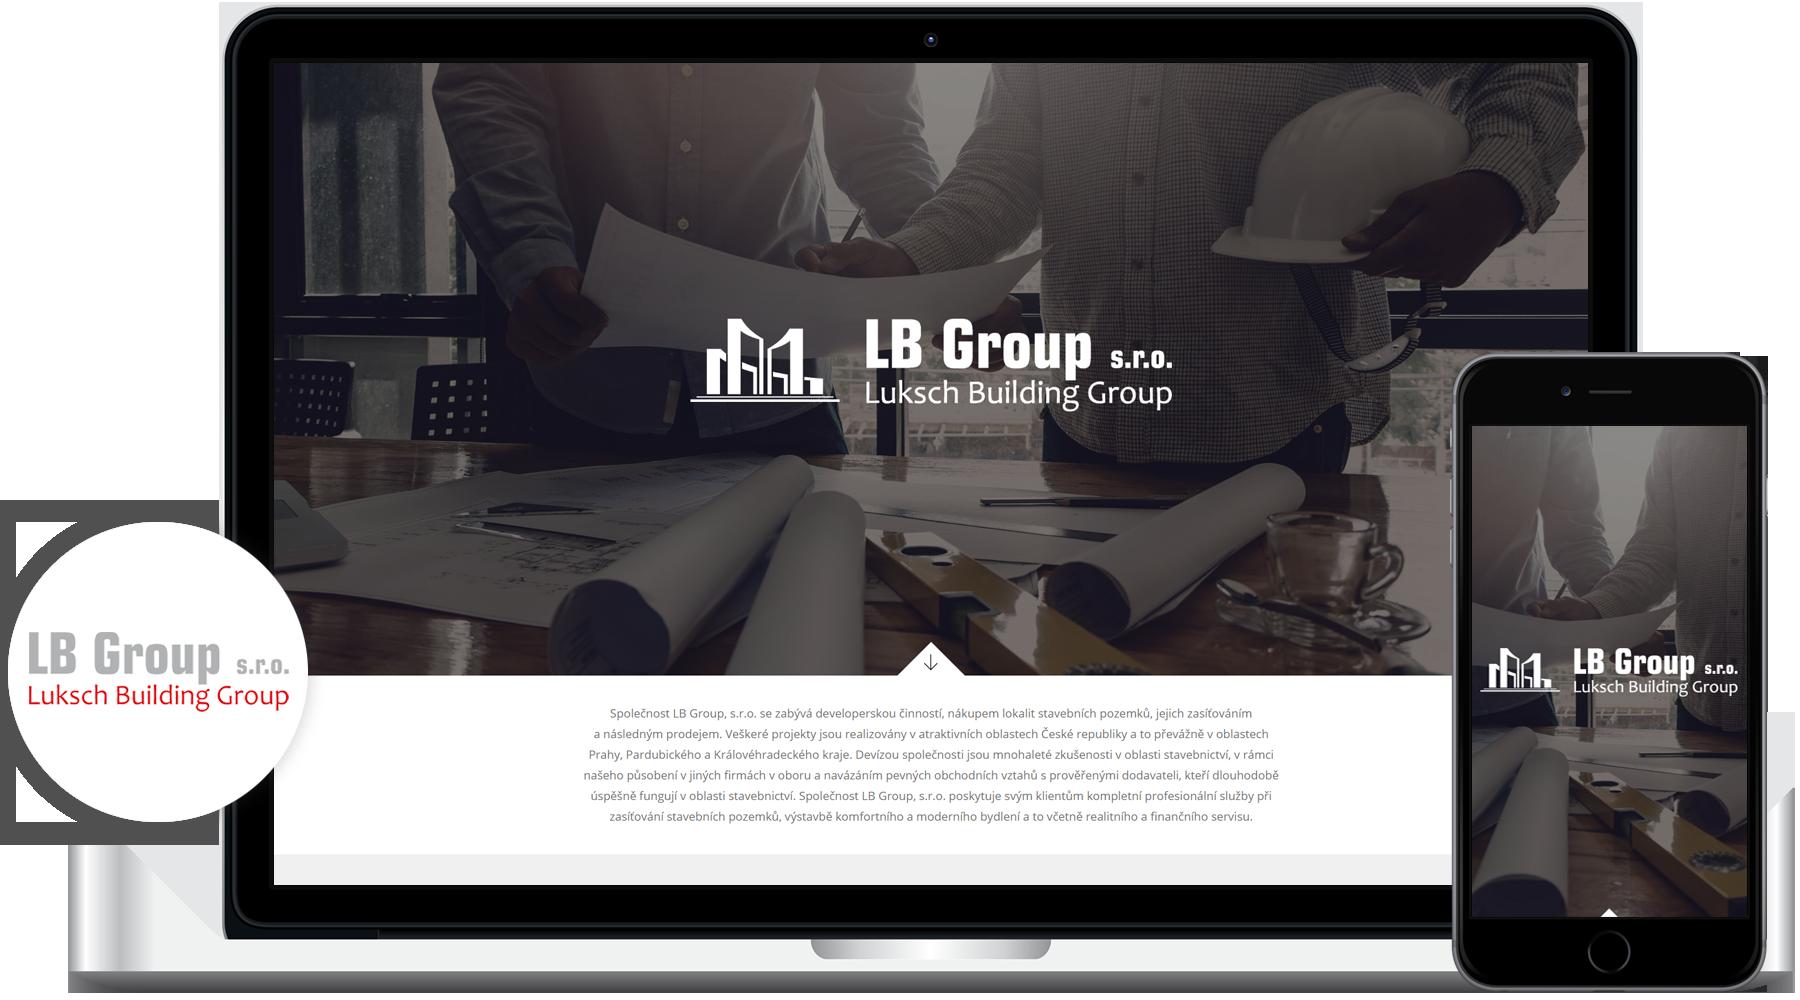 Tvorba webových stránek lbgroup.cz